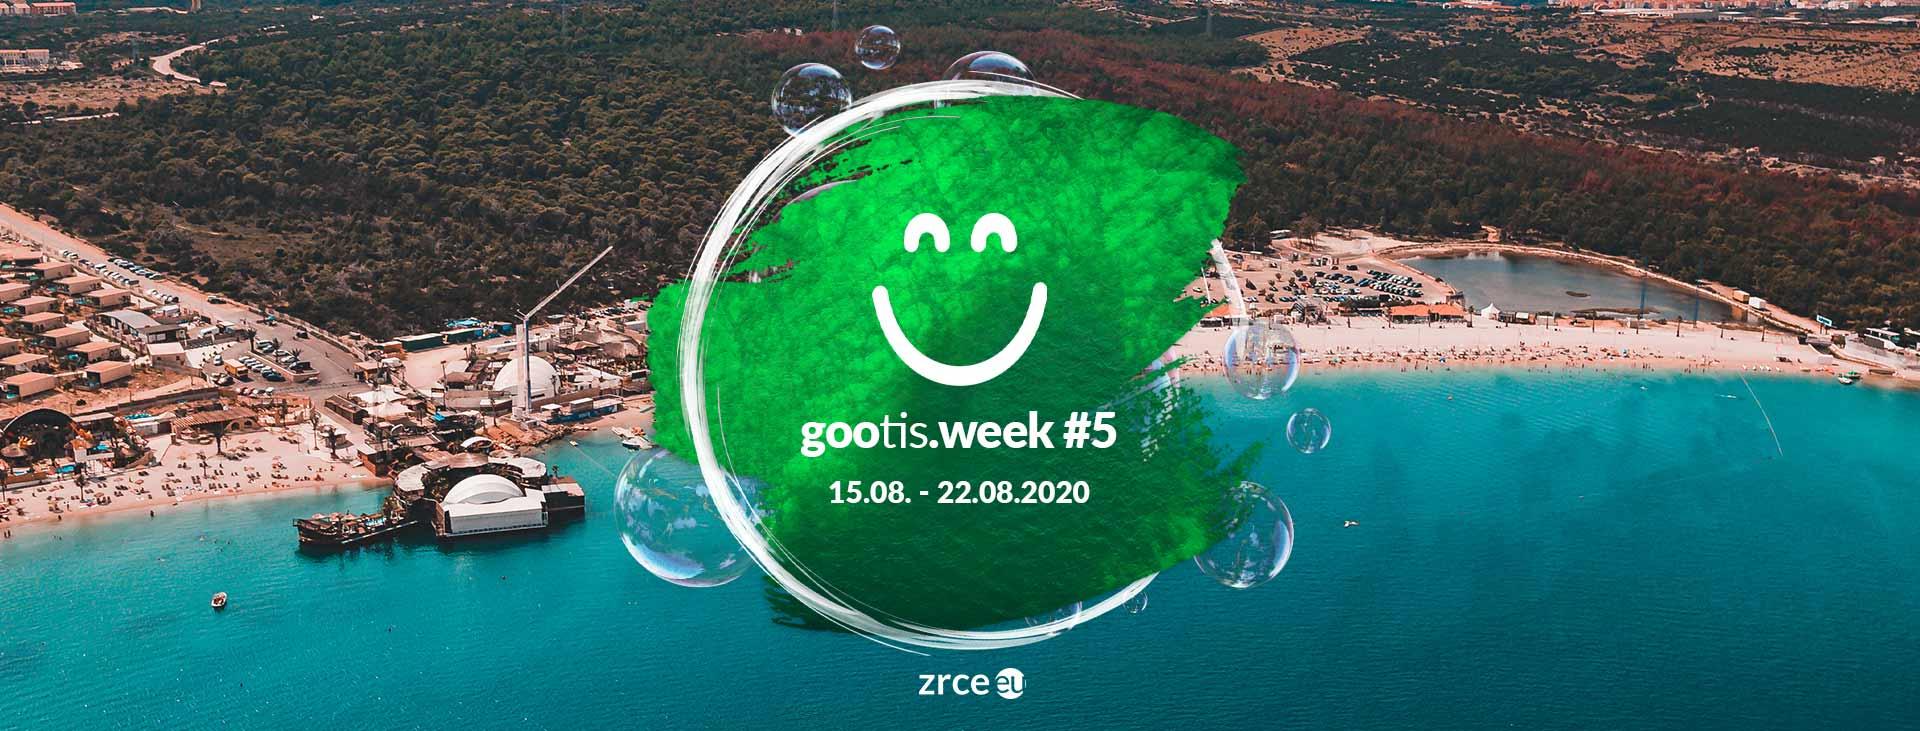 gootis.week #5